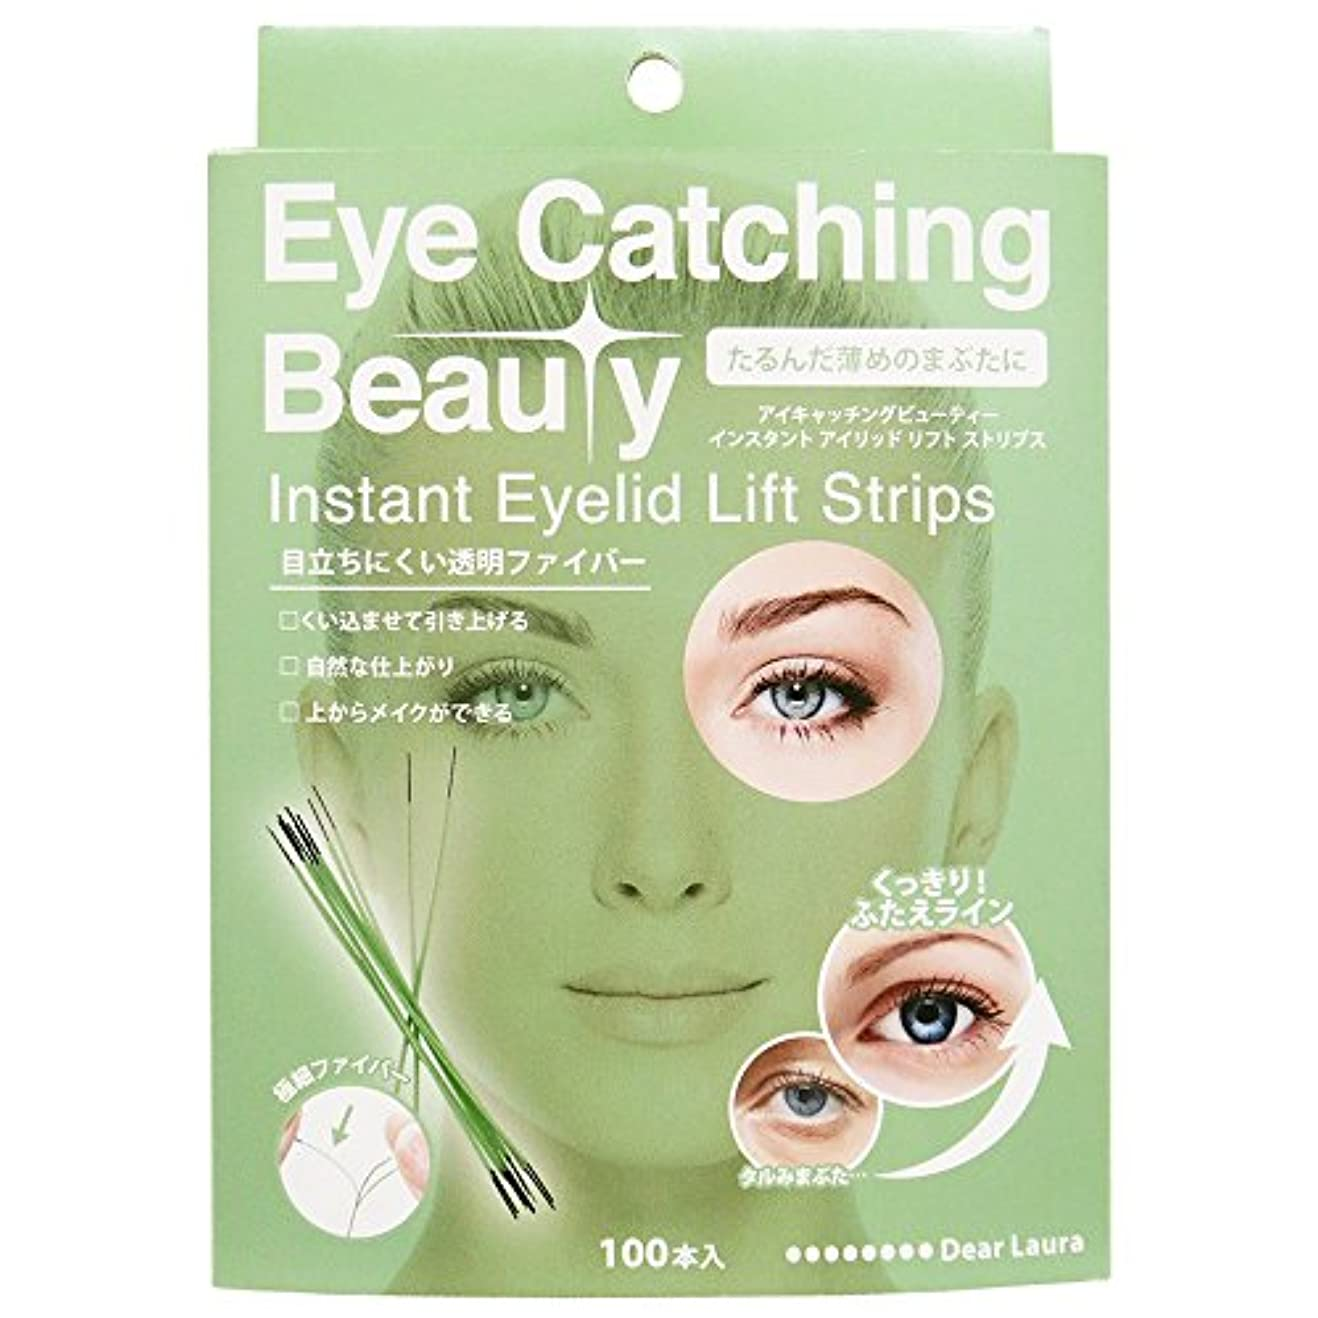 逆に別にホバーアイキャッチングビューティー (Eye Catching Beauty) インスタント アイリッド リフト ストリップス ECB-J03 100本